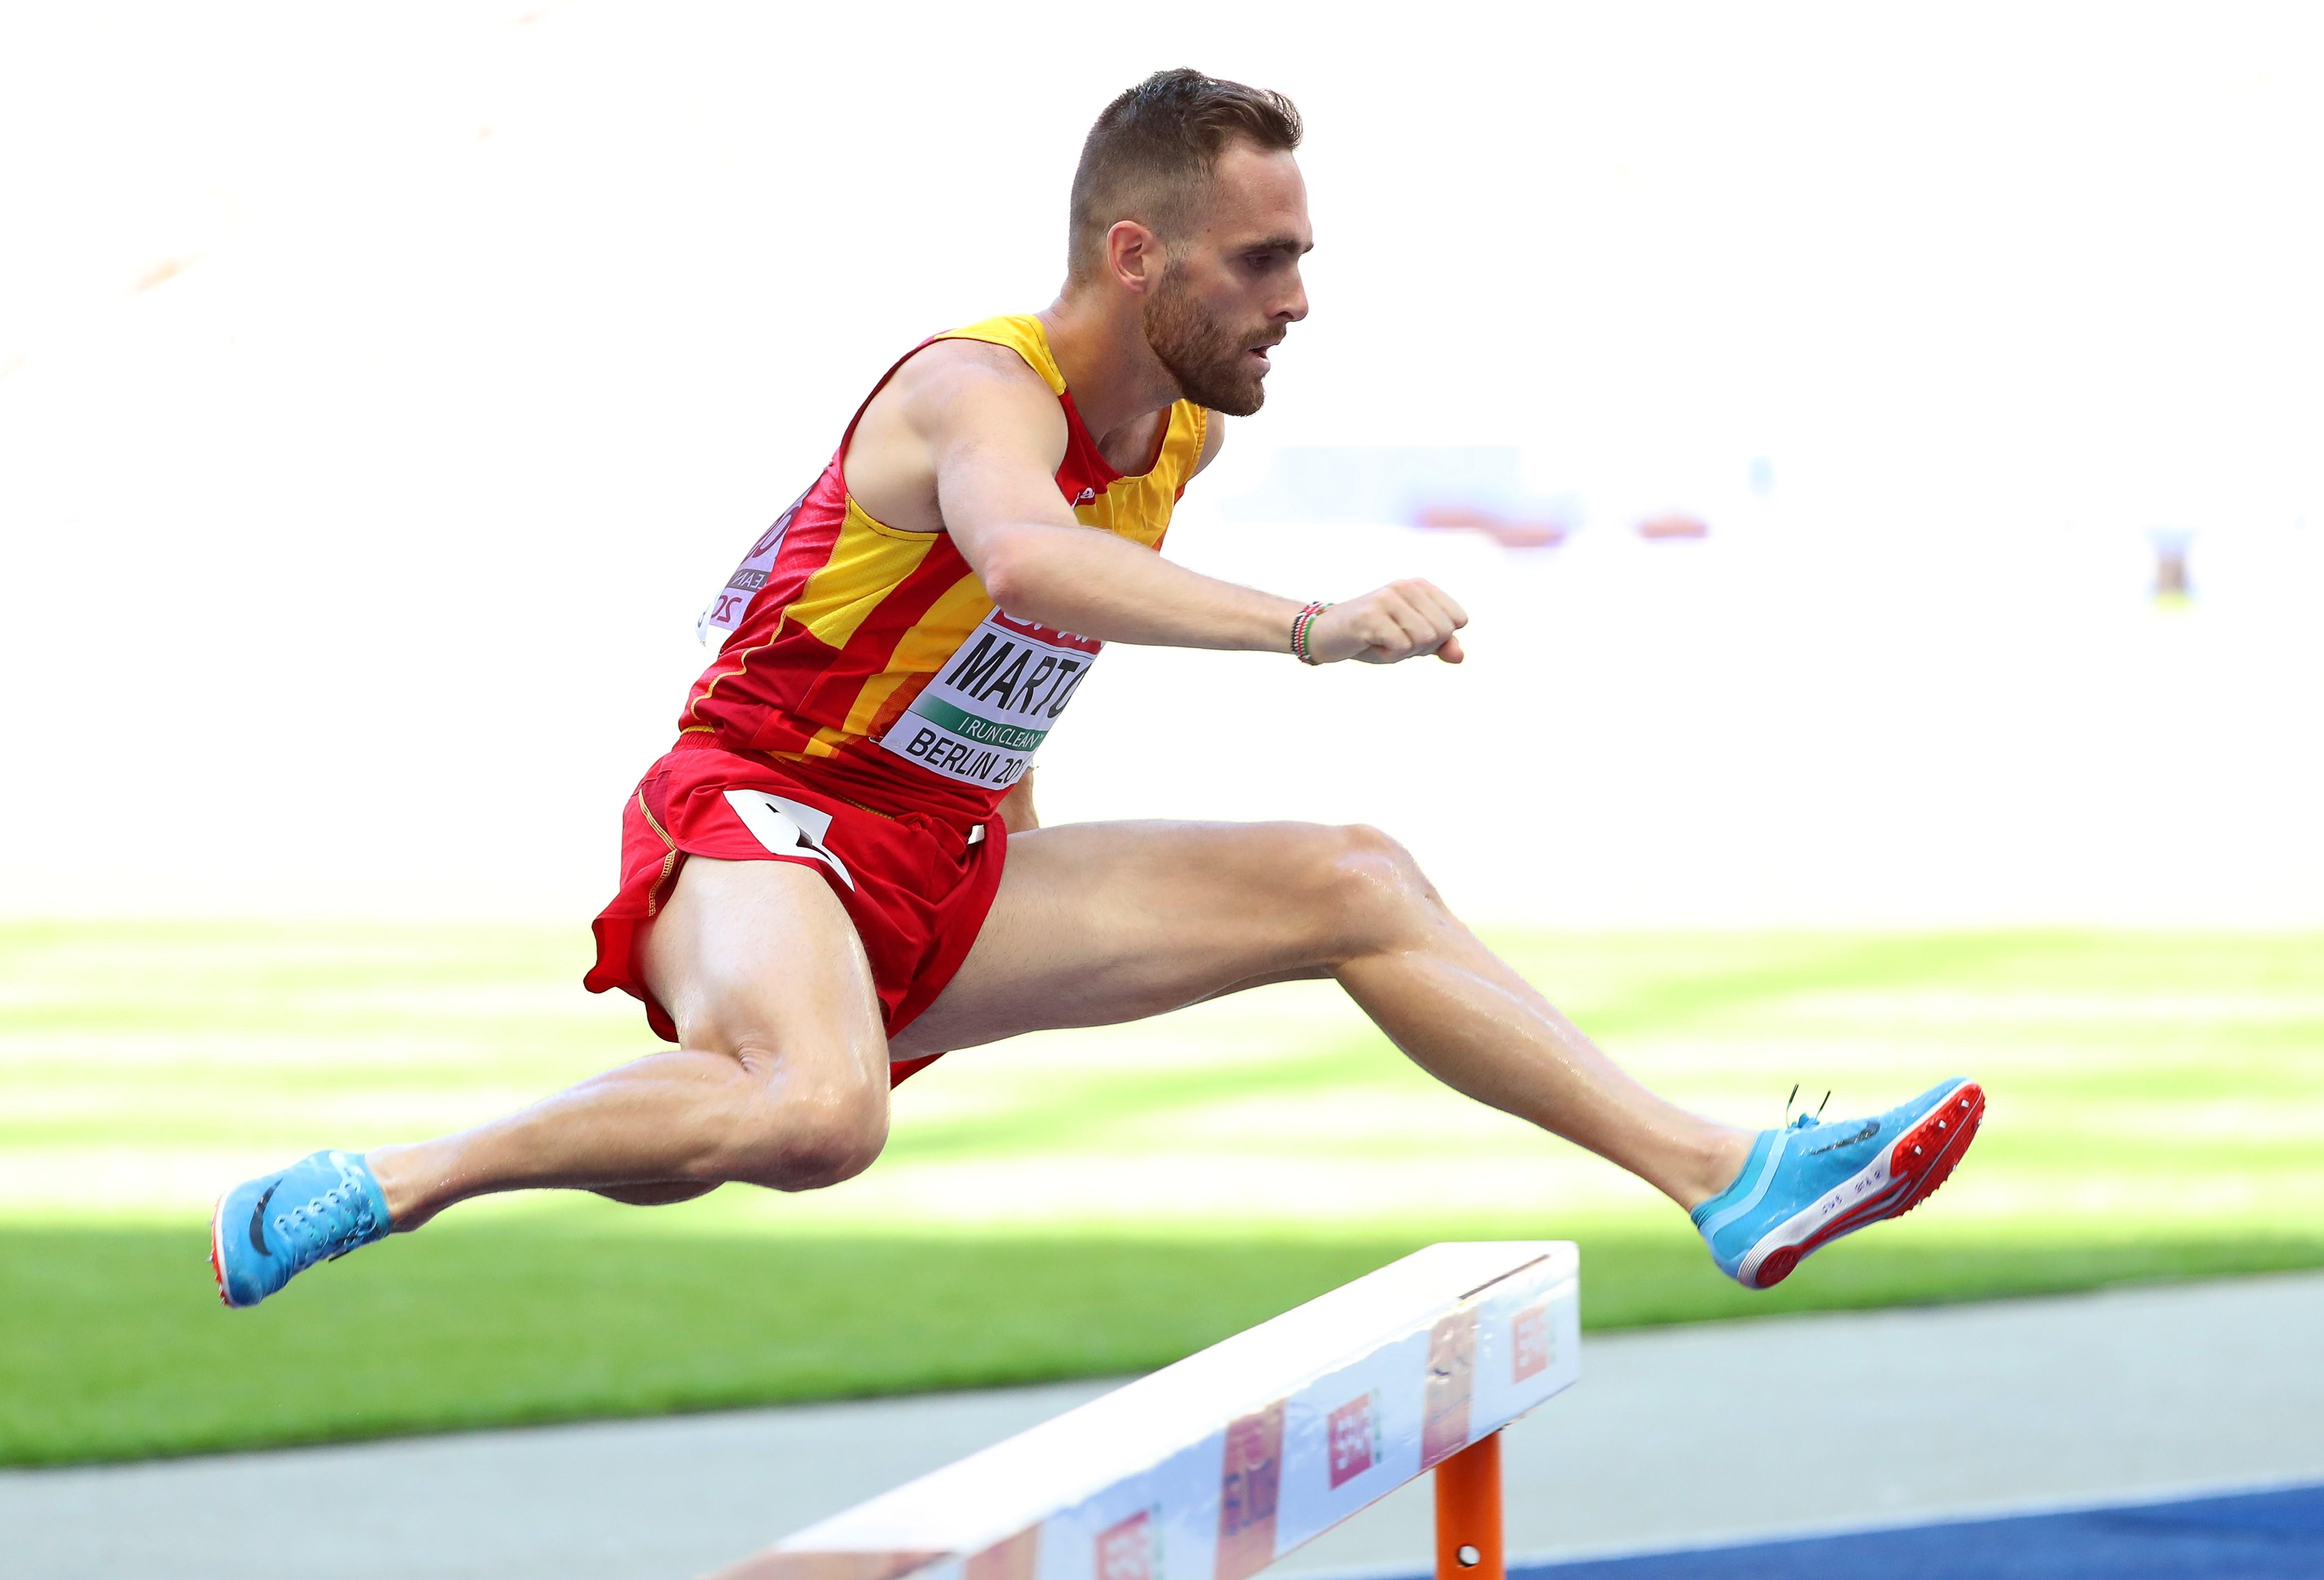 El atleta español Sebastian Martos. EFE/Archivo